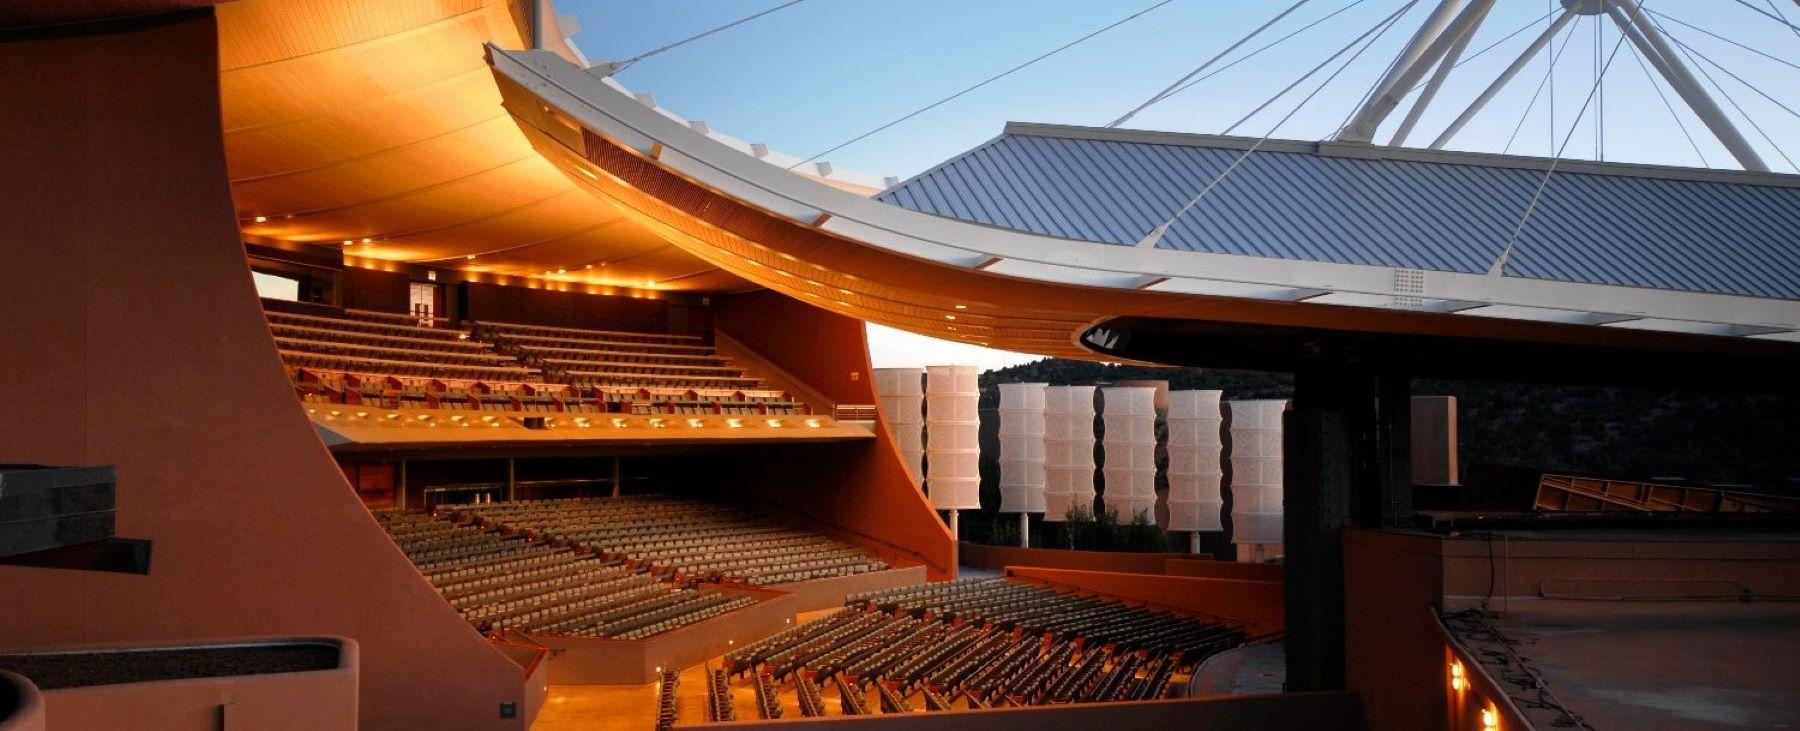 the Santa Fe Opera House